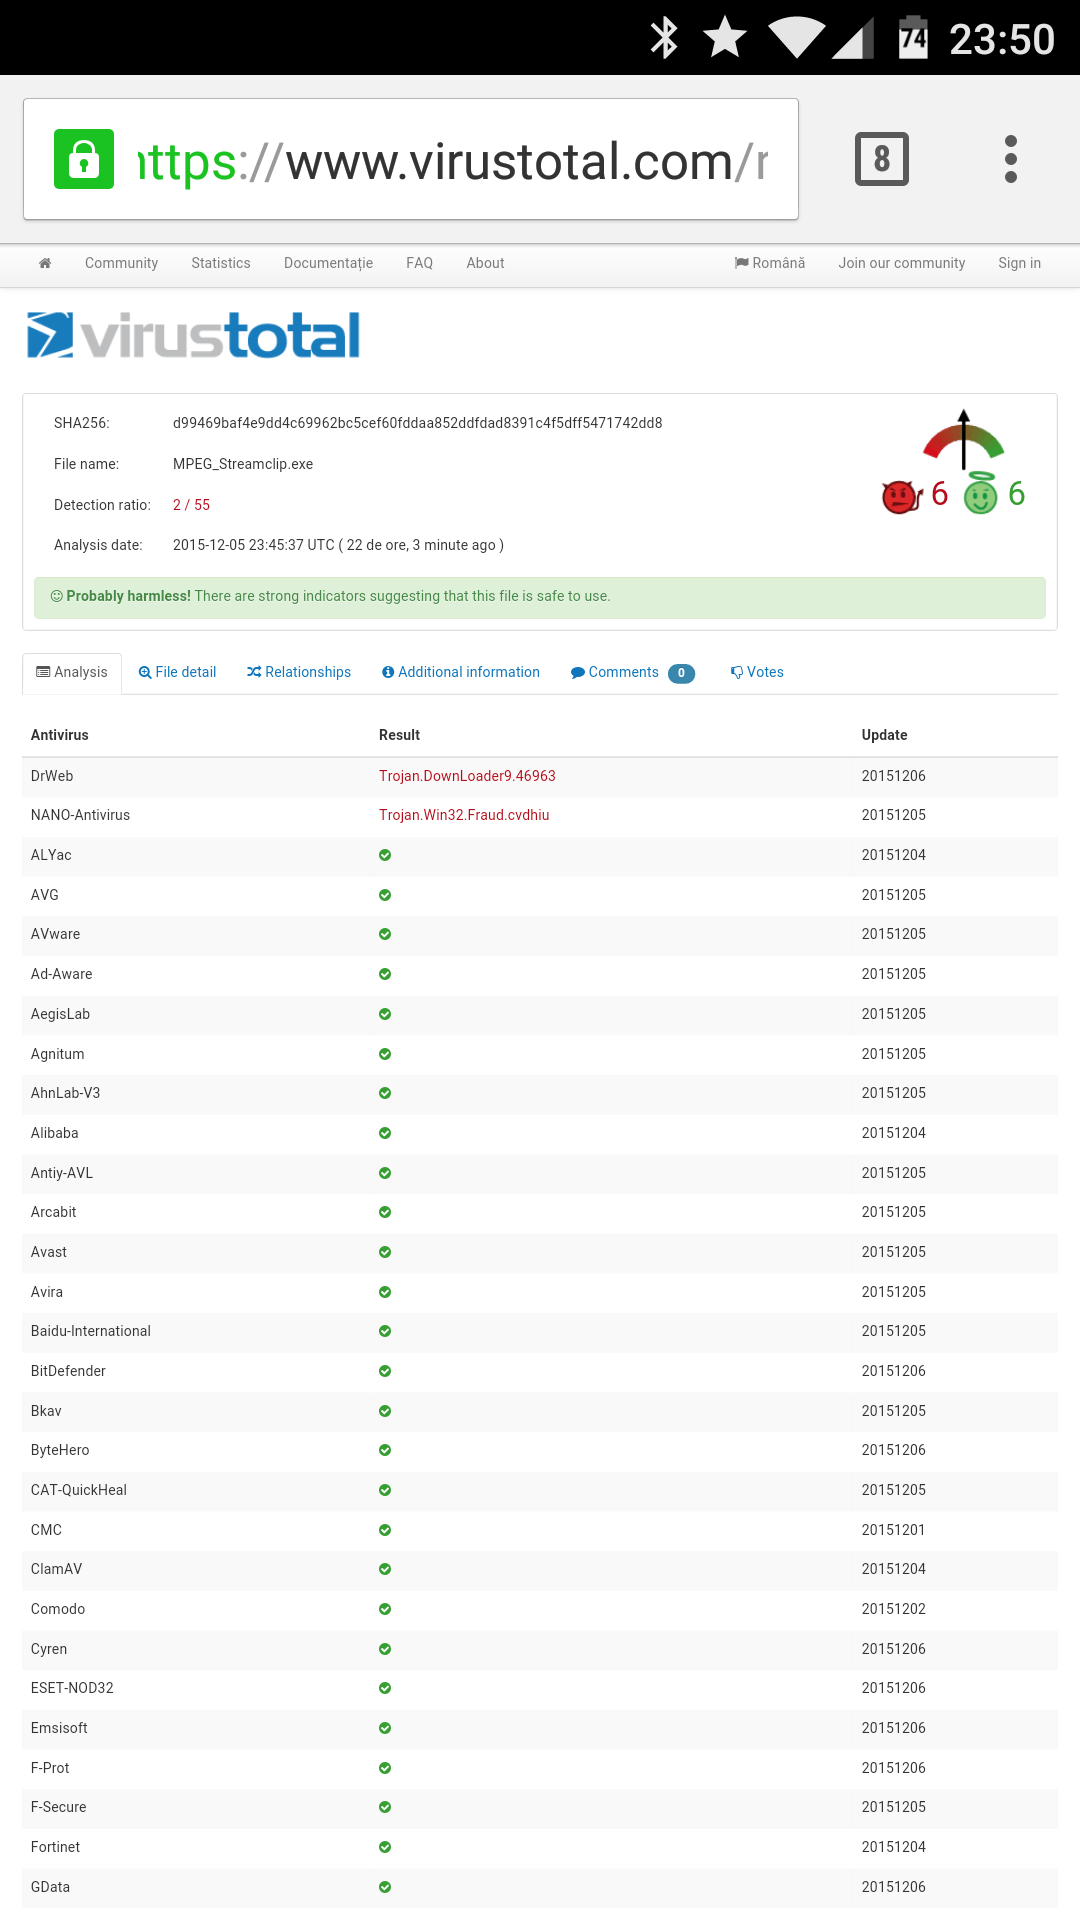 Raport virus total pentru streamclip